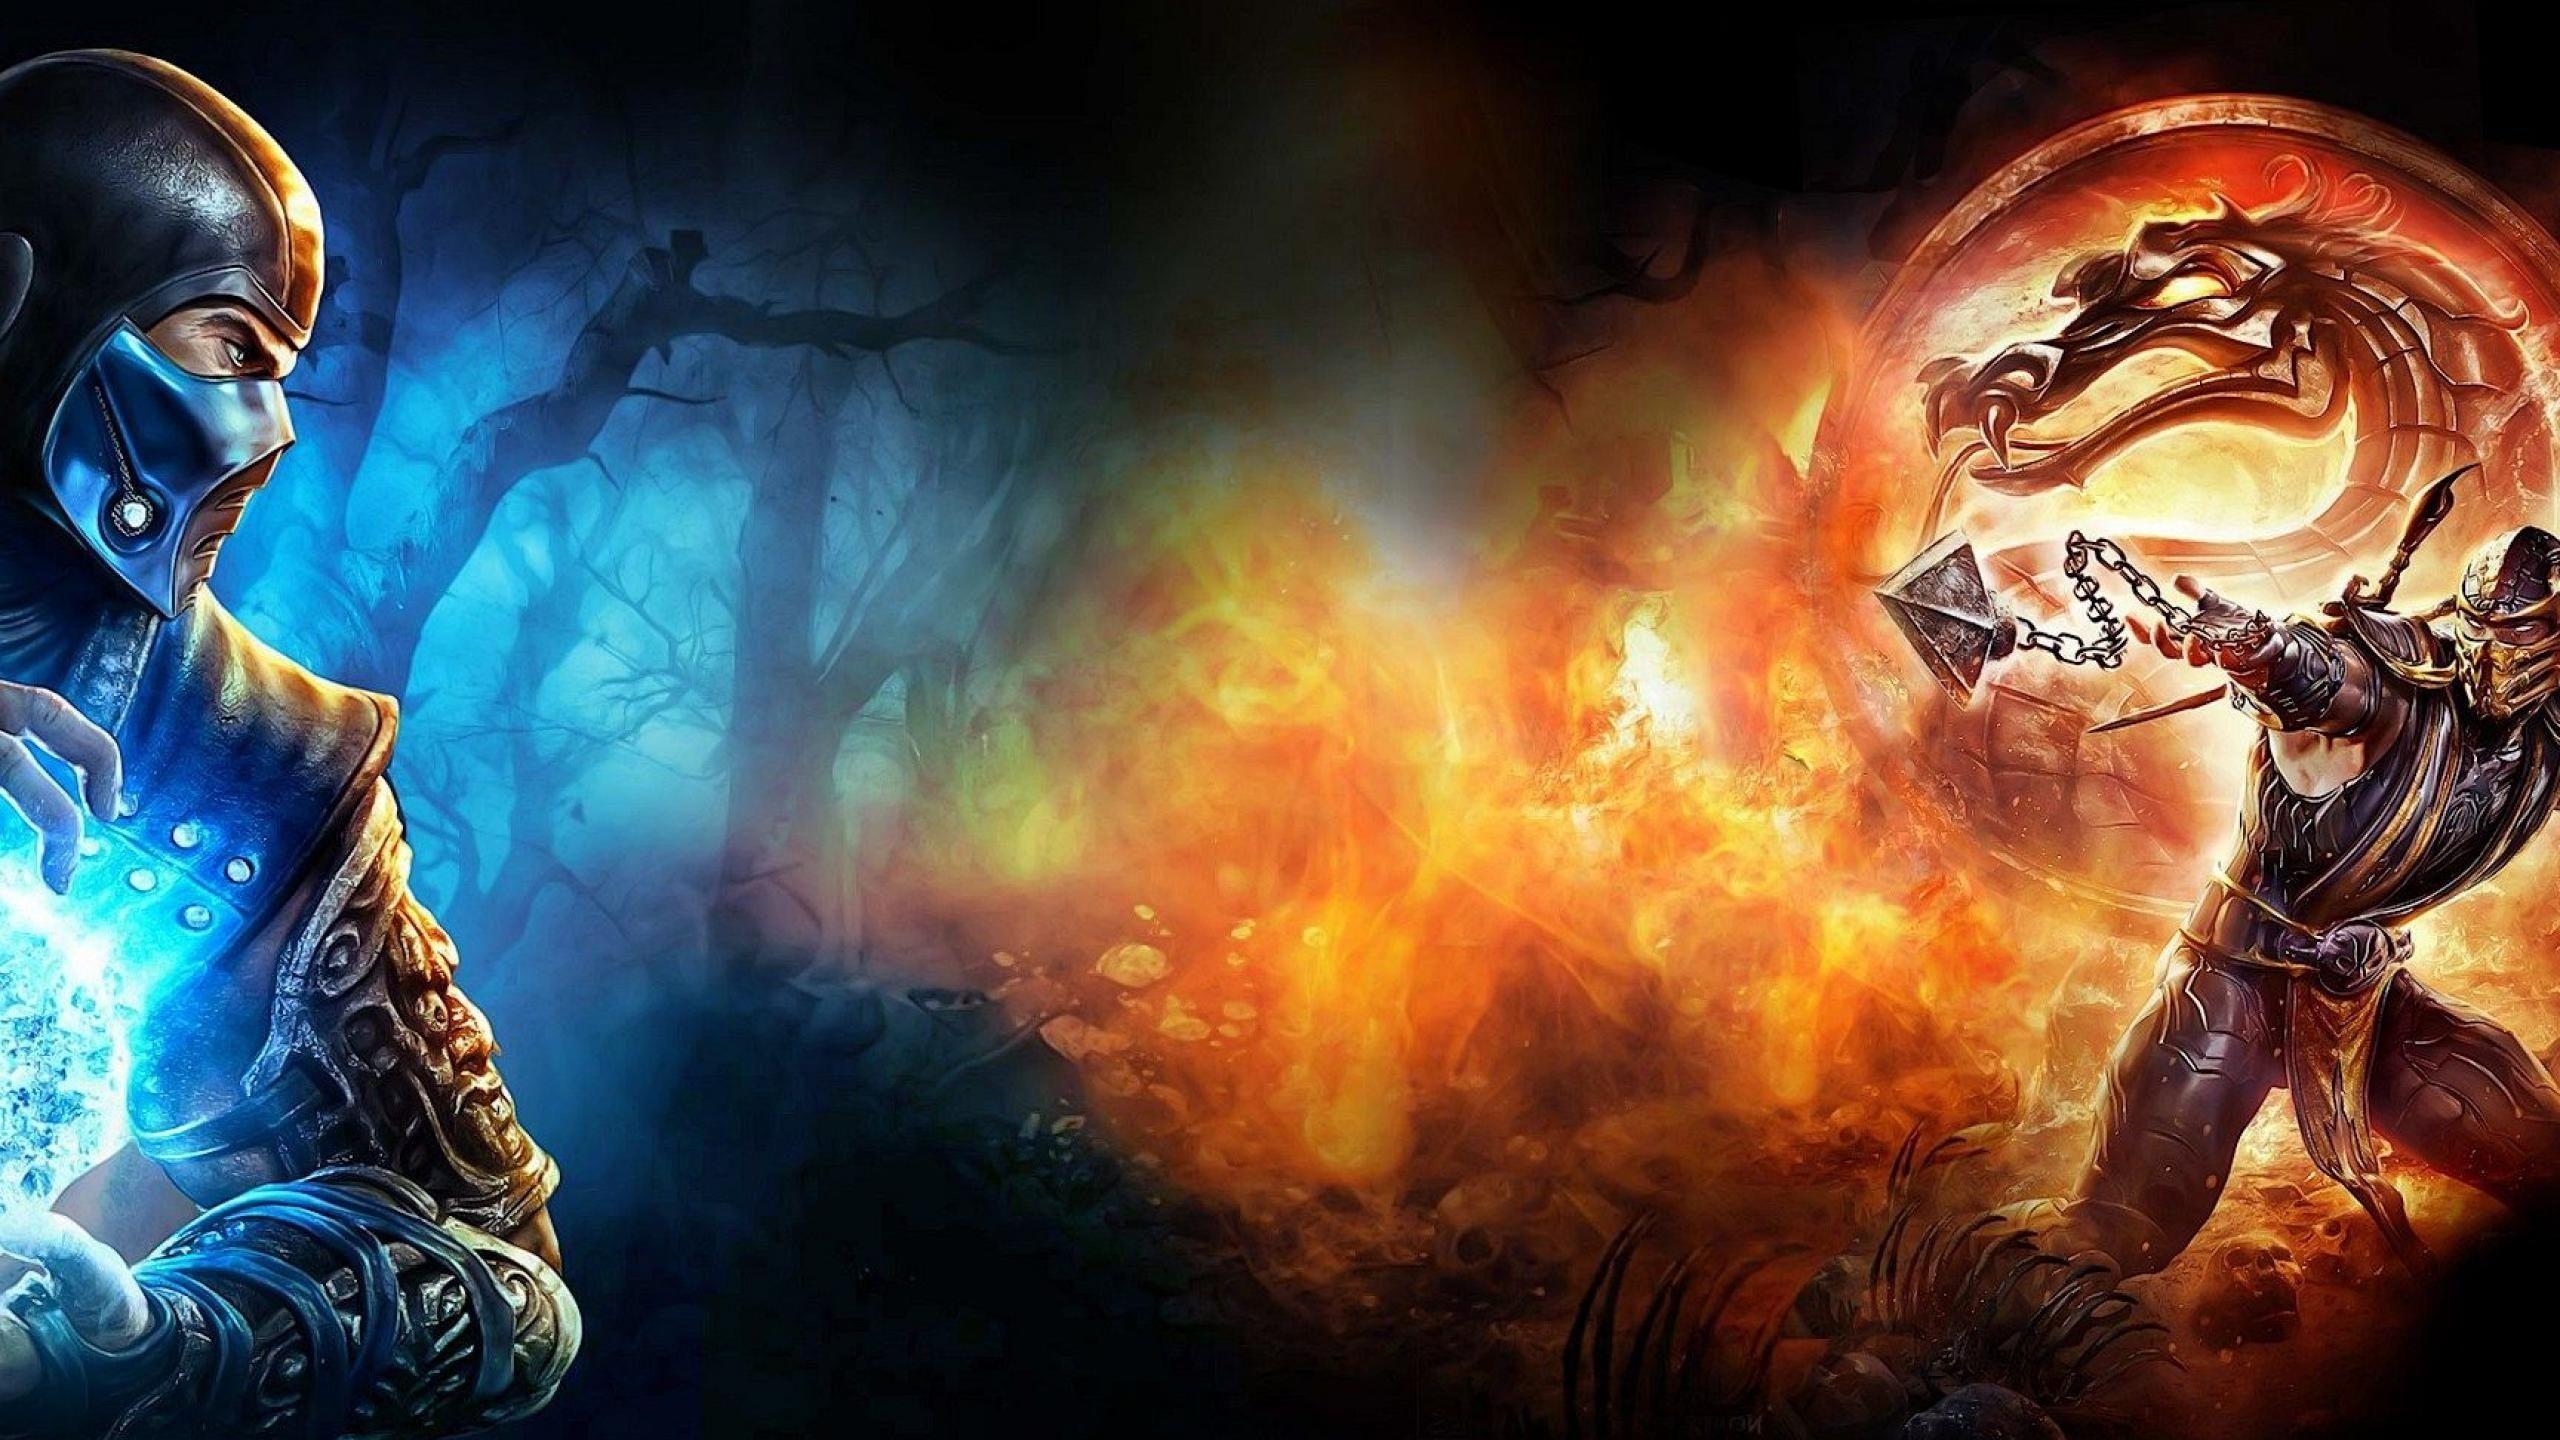 Games Subzero Mortal Kombat Wallpaper 2560x1440PX